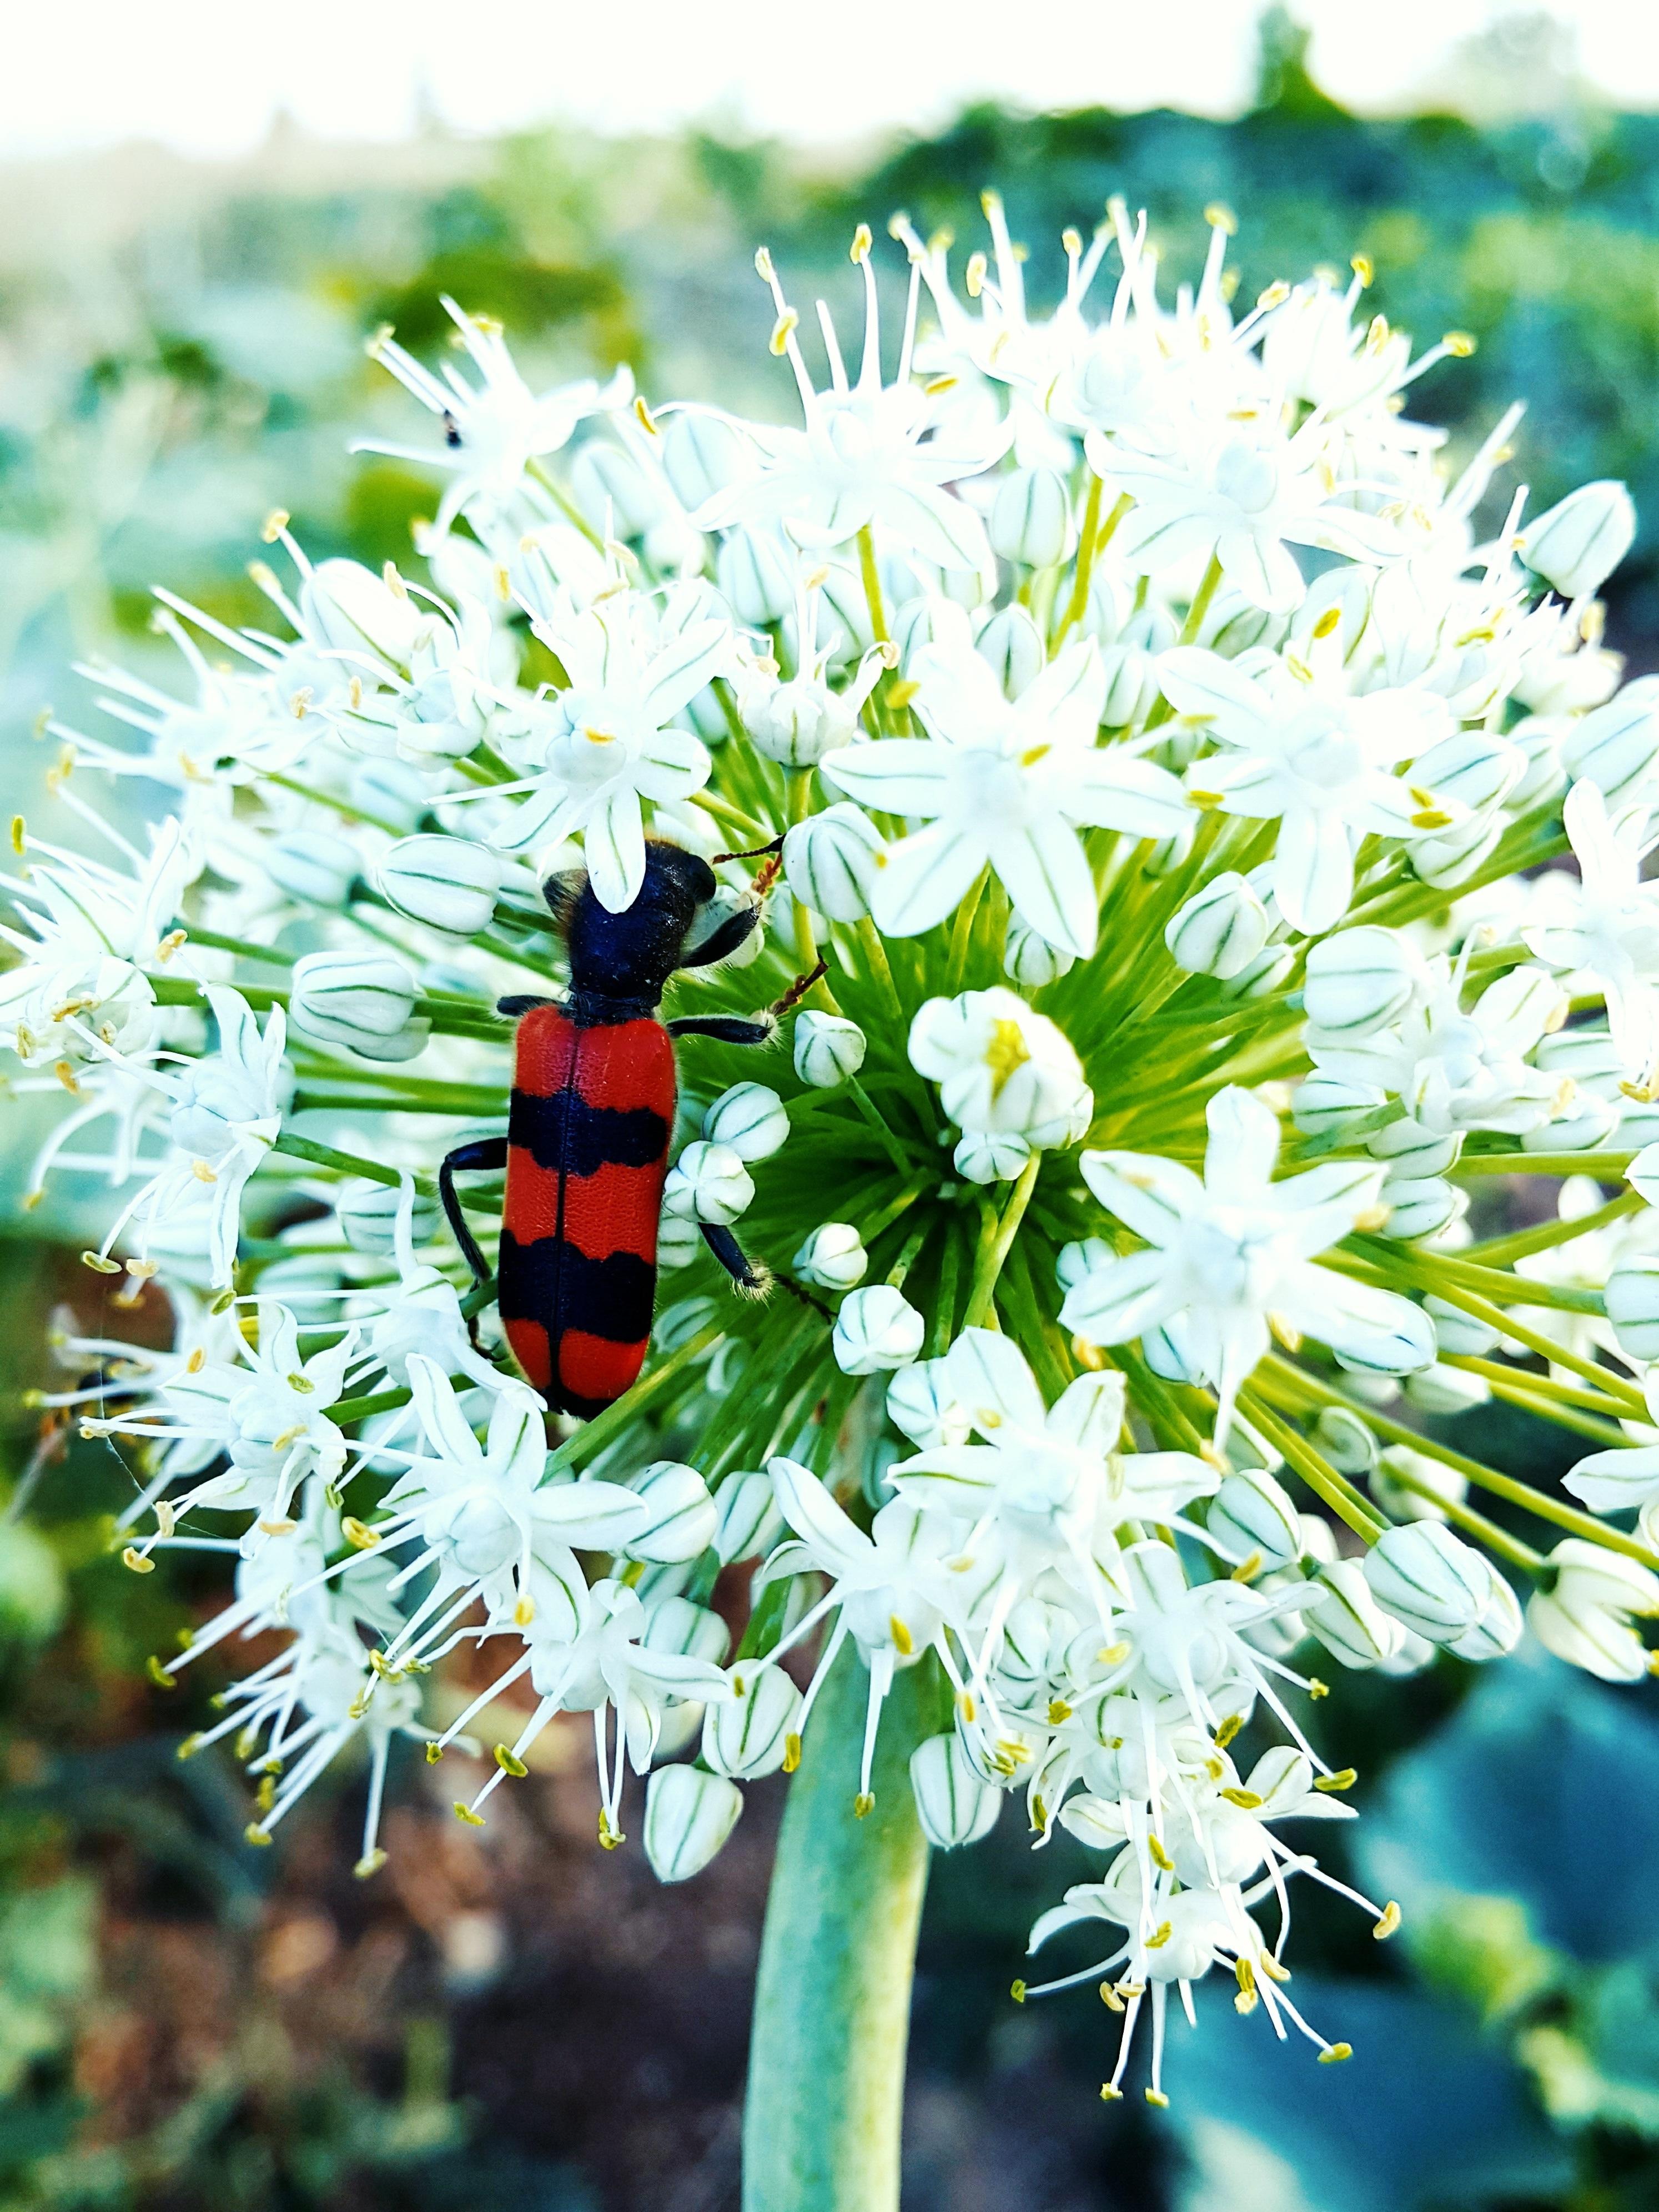 foto de Images Gratuites : animal, Photographie d'animaux, animaux, fleur ...